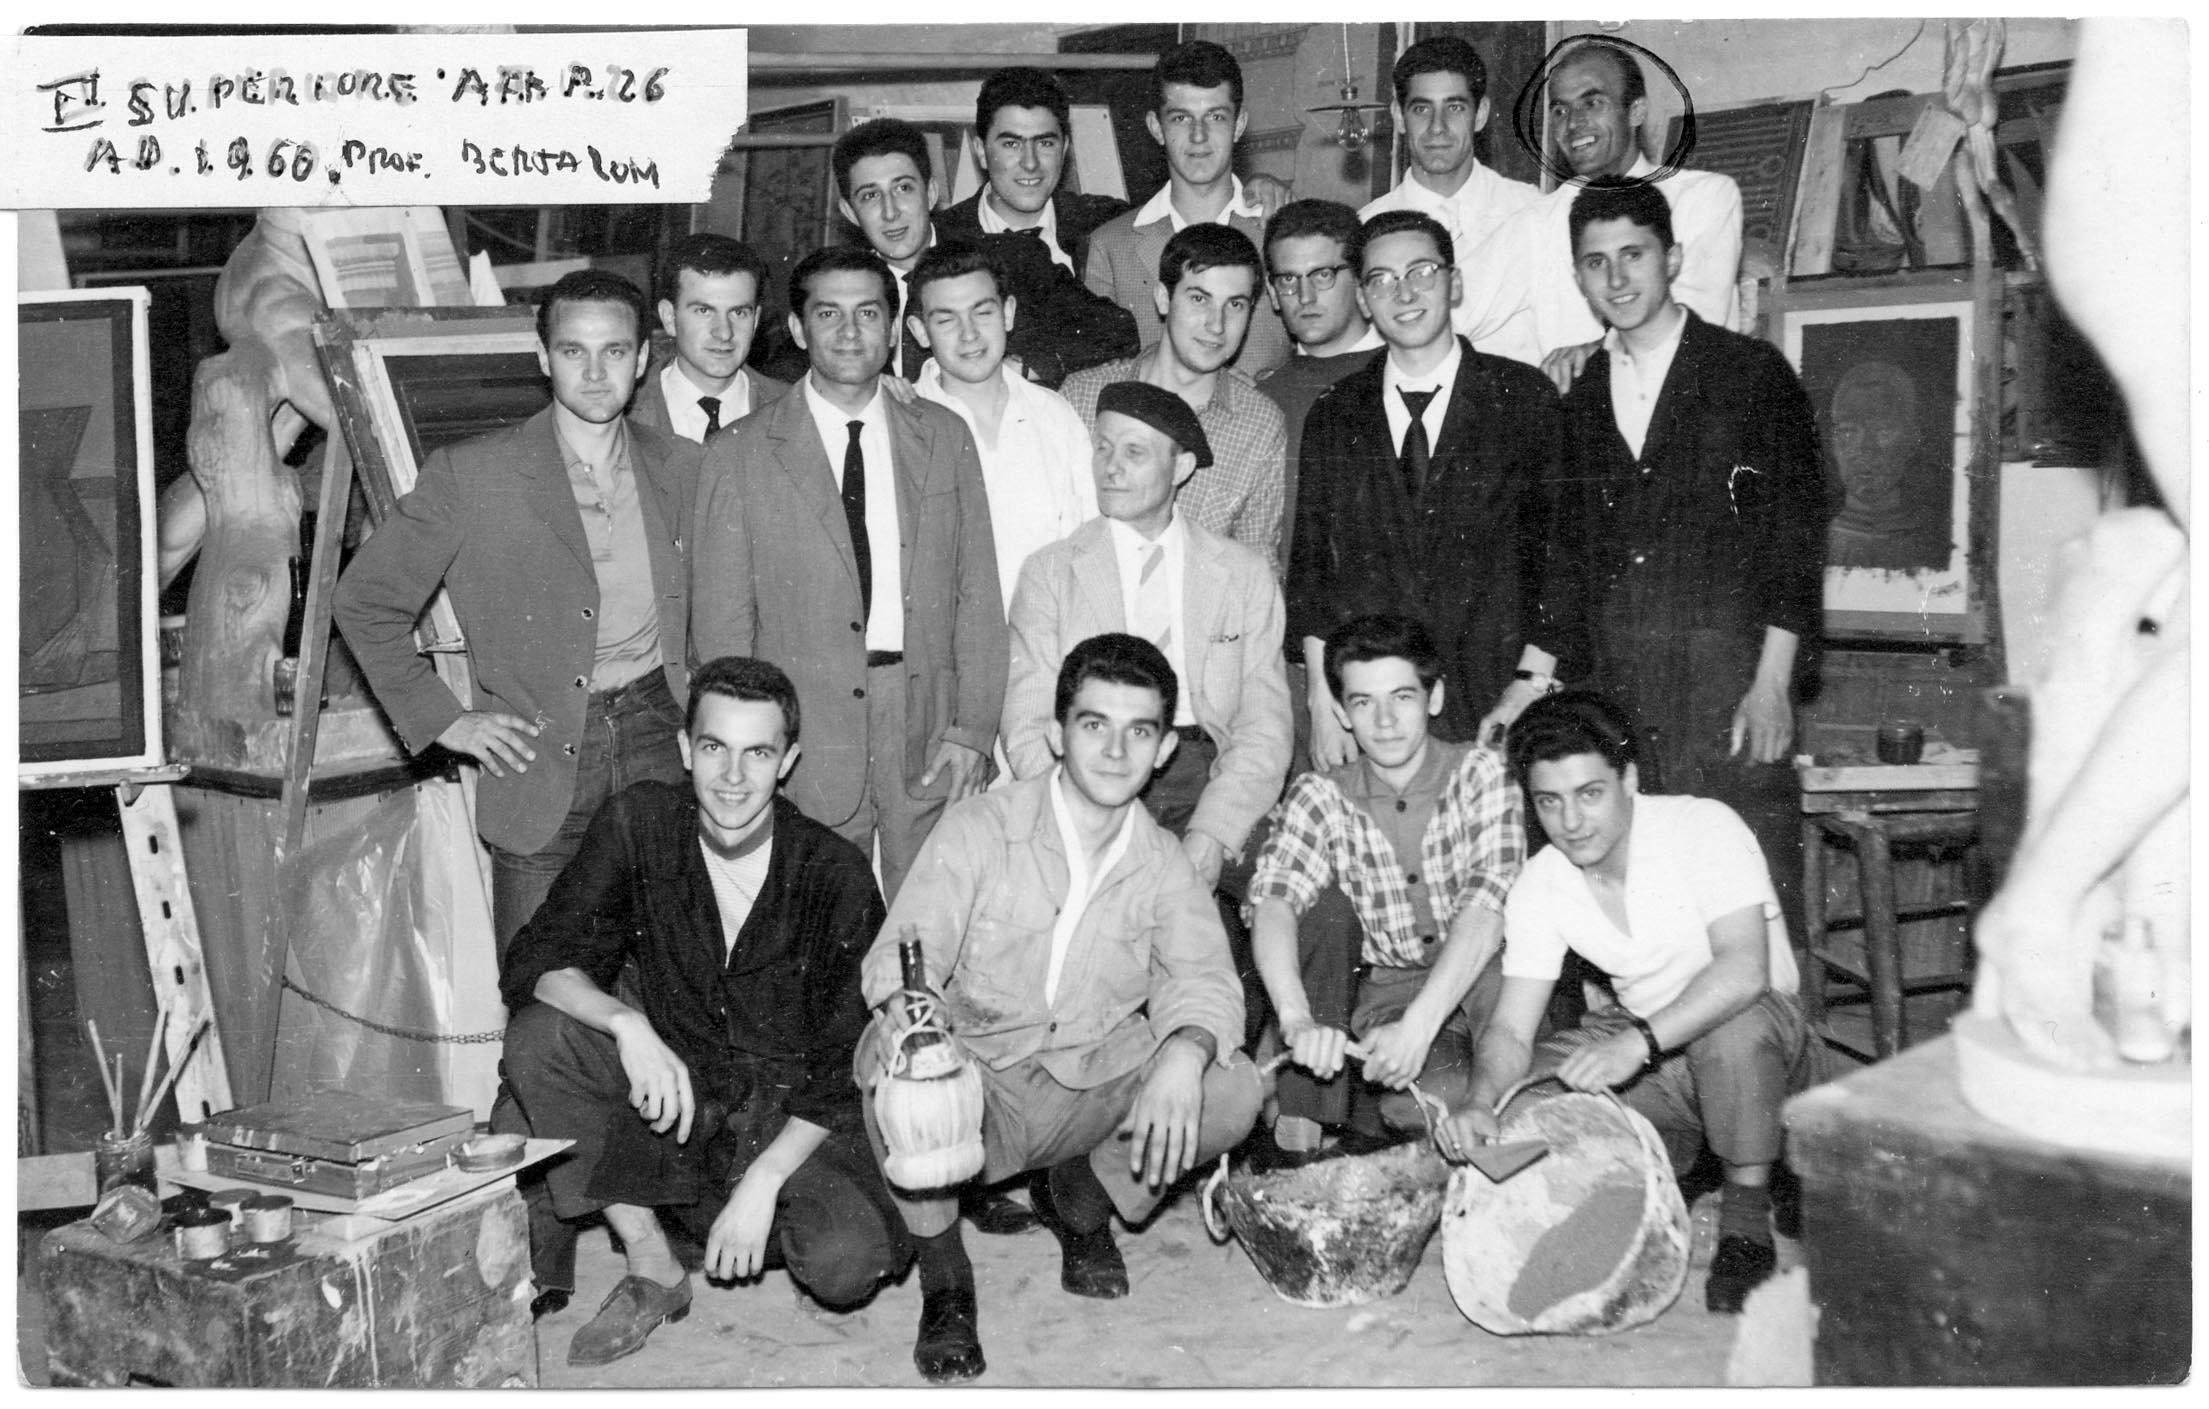 II Superiore 1960 - Prof. Bertazzoni